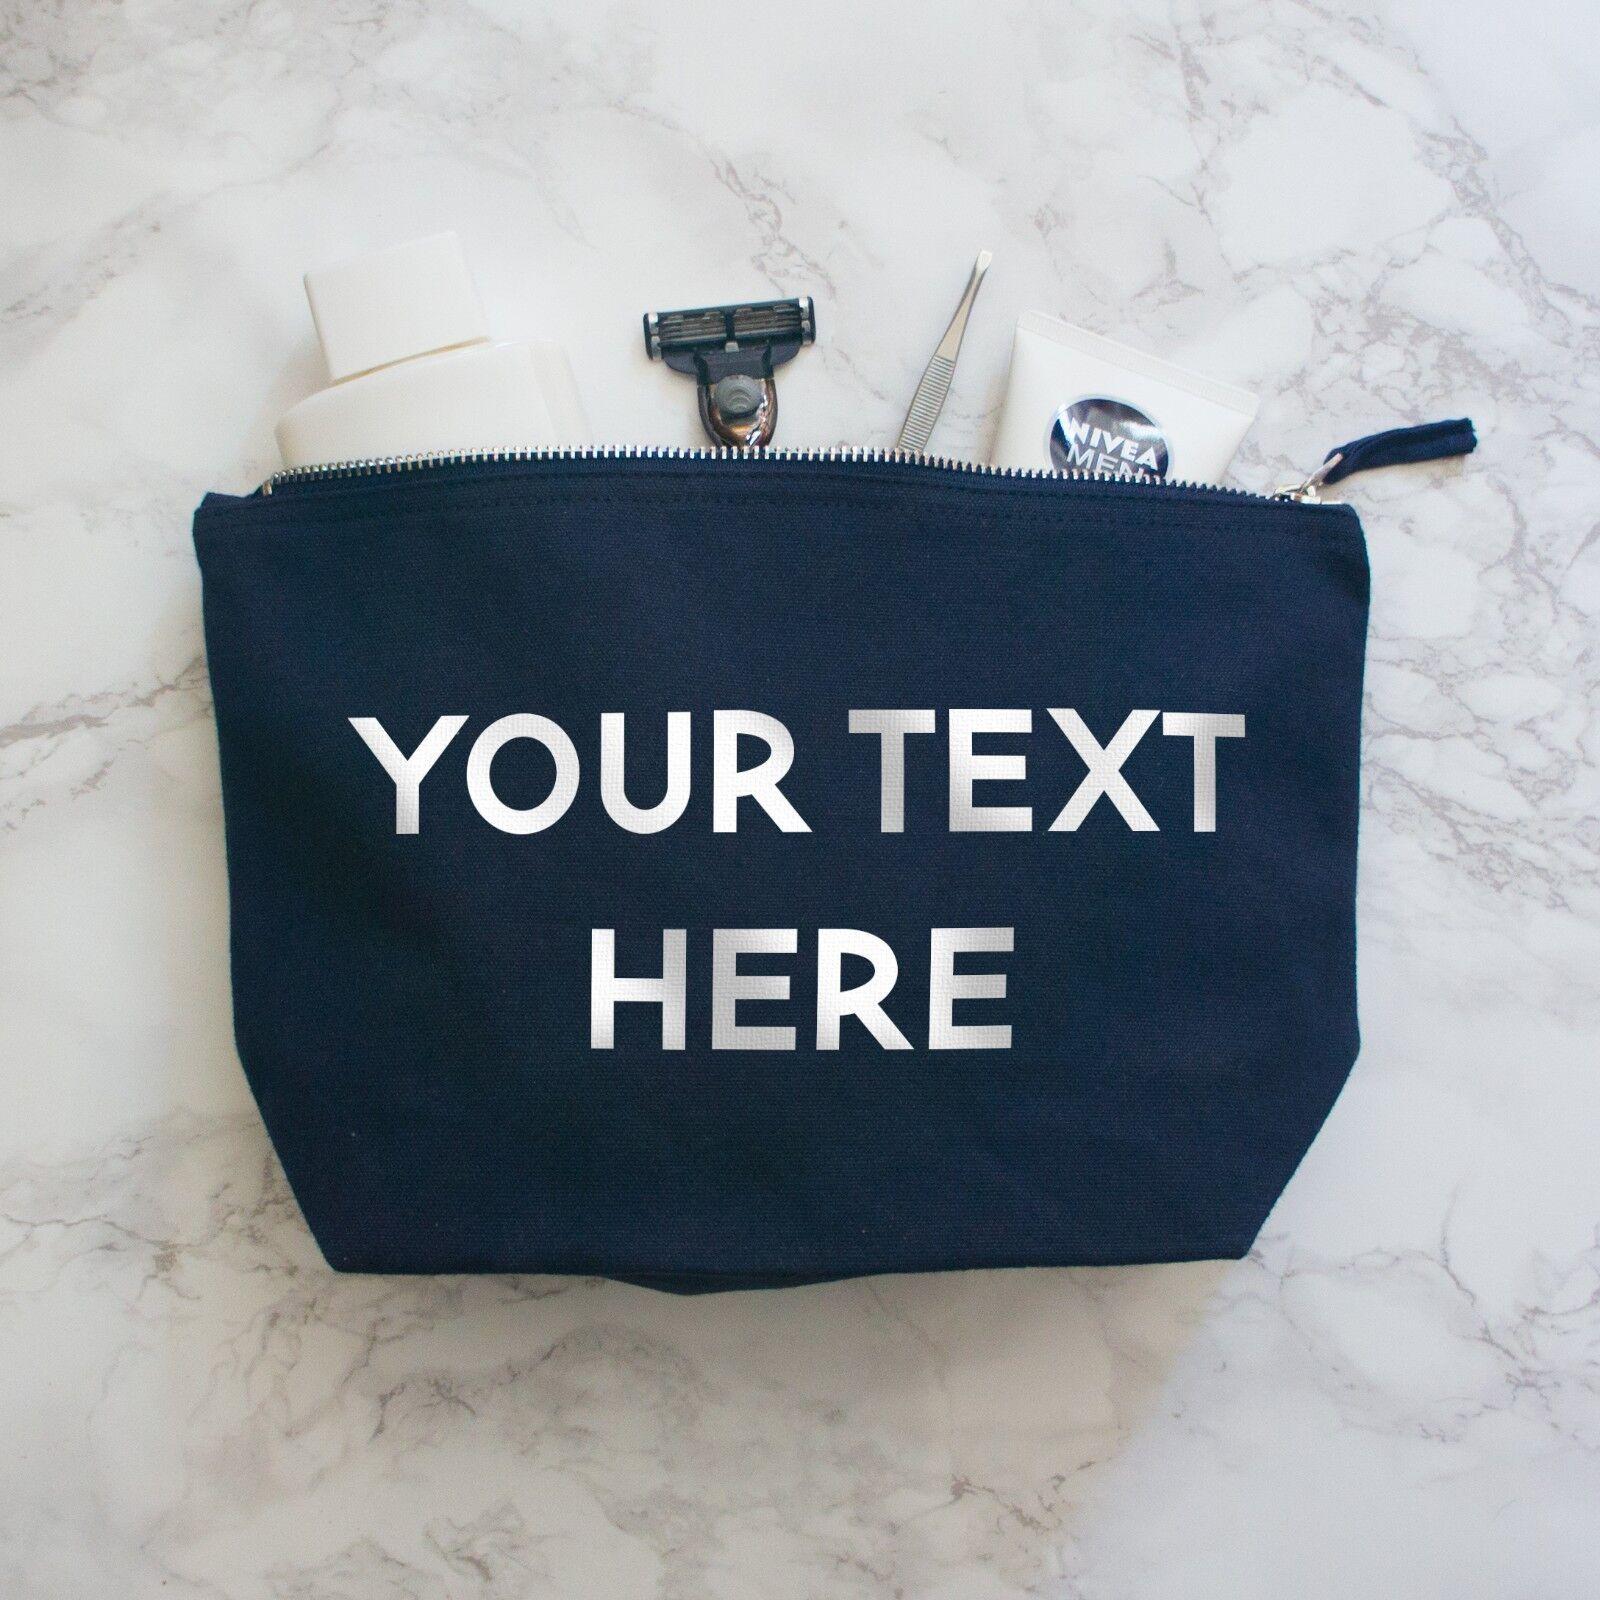 Un Texte Personnalisé Laver sac Sac, Personnalisé Make Up sac Laver avec tout texte 016c50